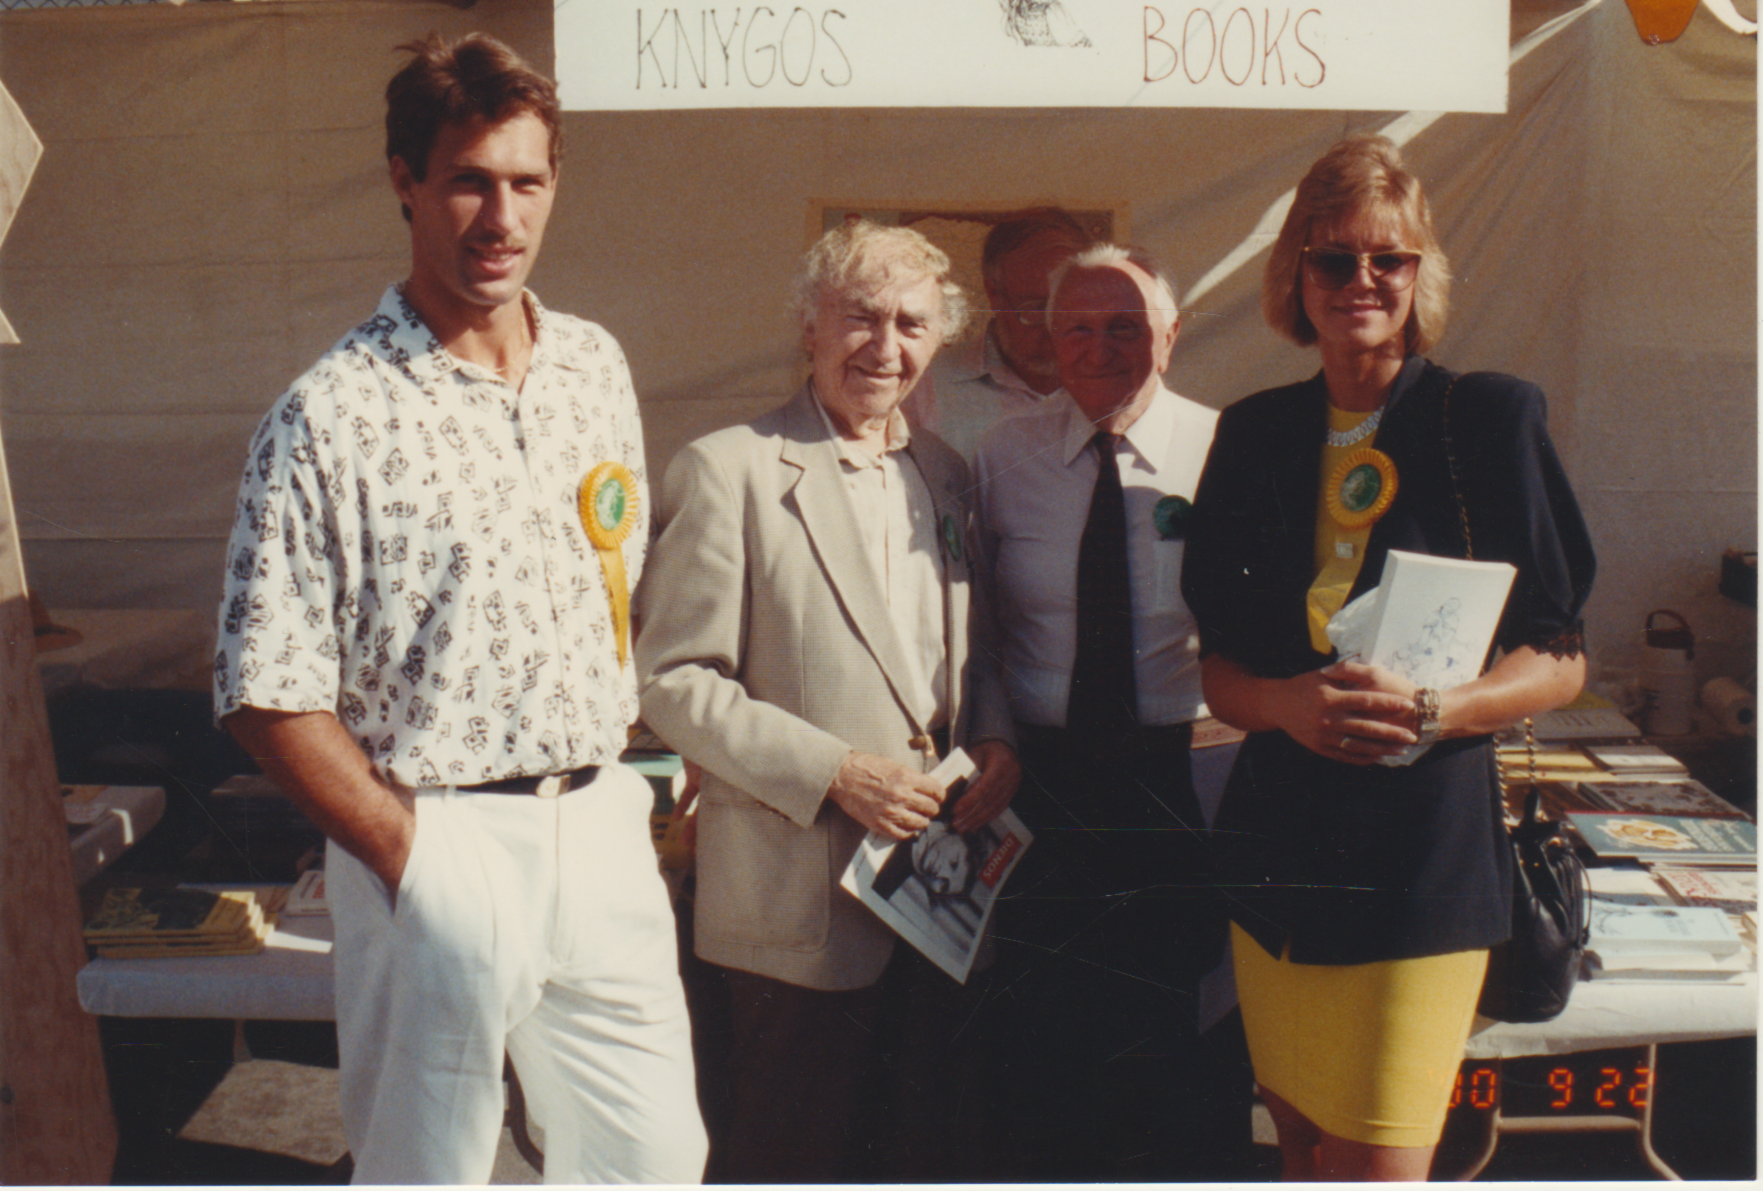 Š. Marčiulonis, B. Brazdžionis, A. Skirius, I. Marčiulionienė Lietuvių dienų šventėje . Los Andželas. 1990 m.